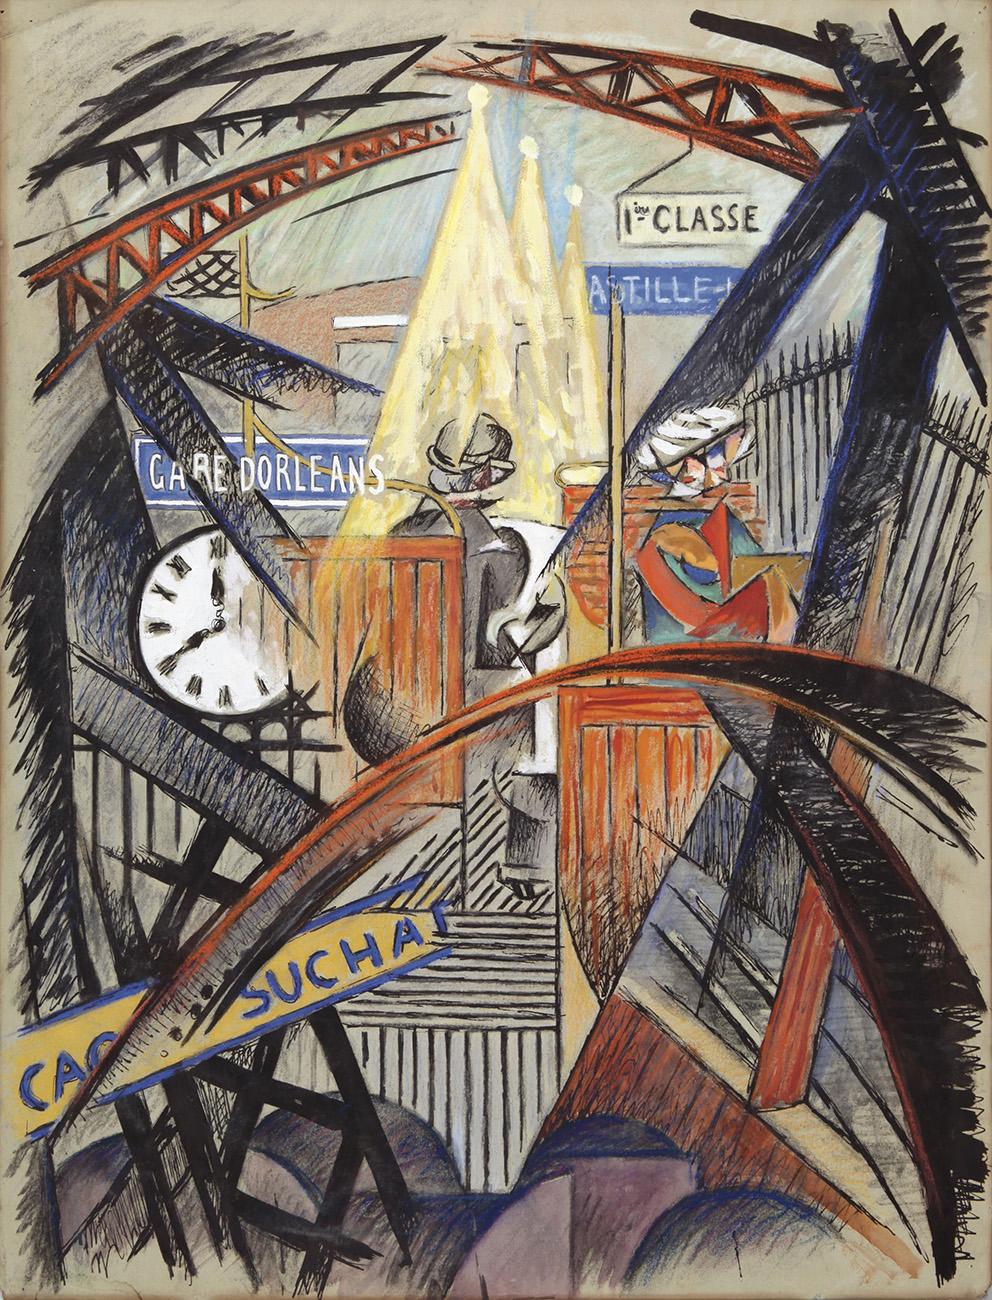 Métro, gare d'Orléans, vers 1912-1914, encre noire, gouache et pastel, 65x50cm. Estimation: 15000/20000€